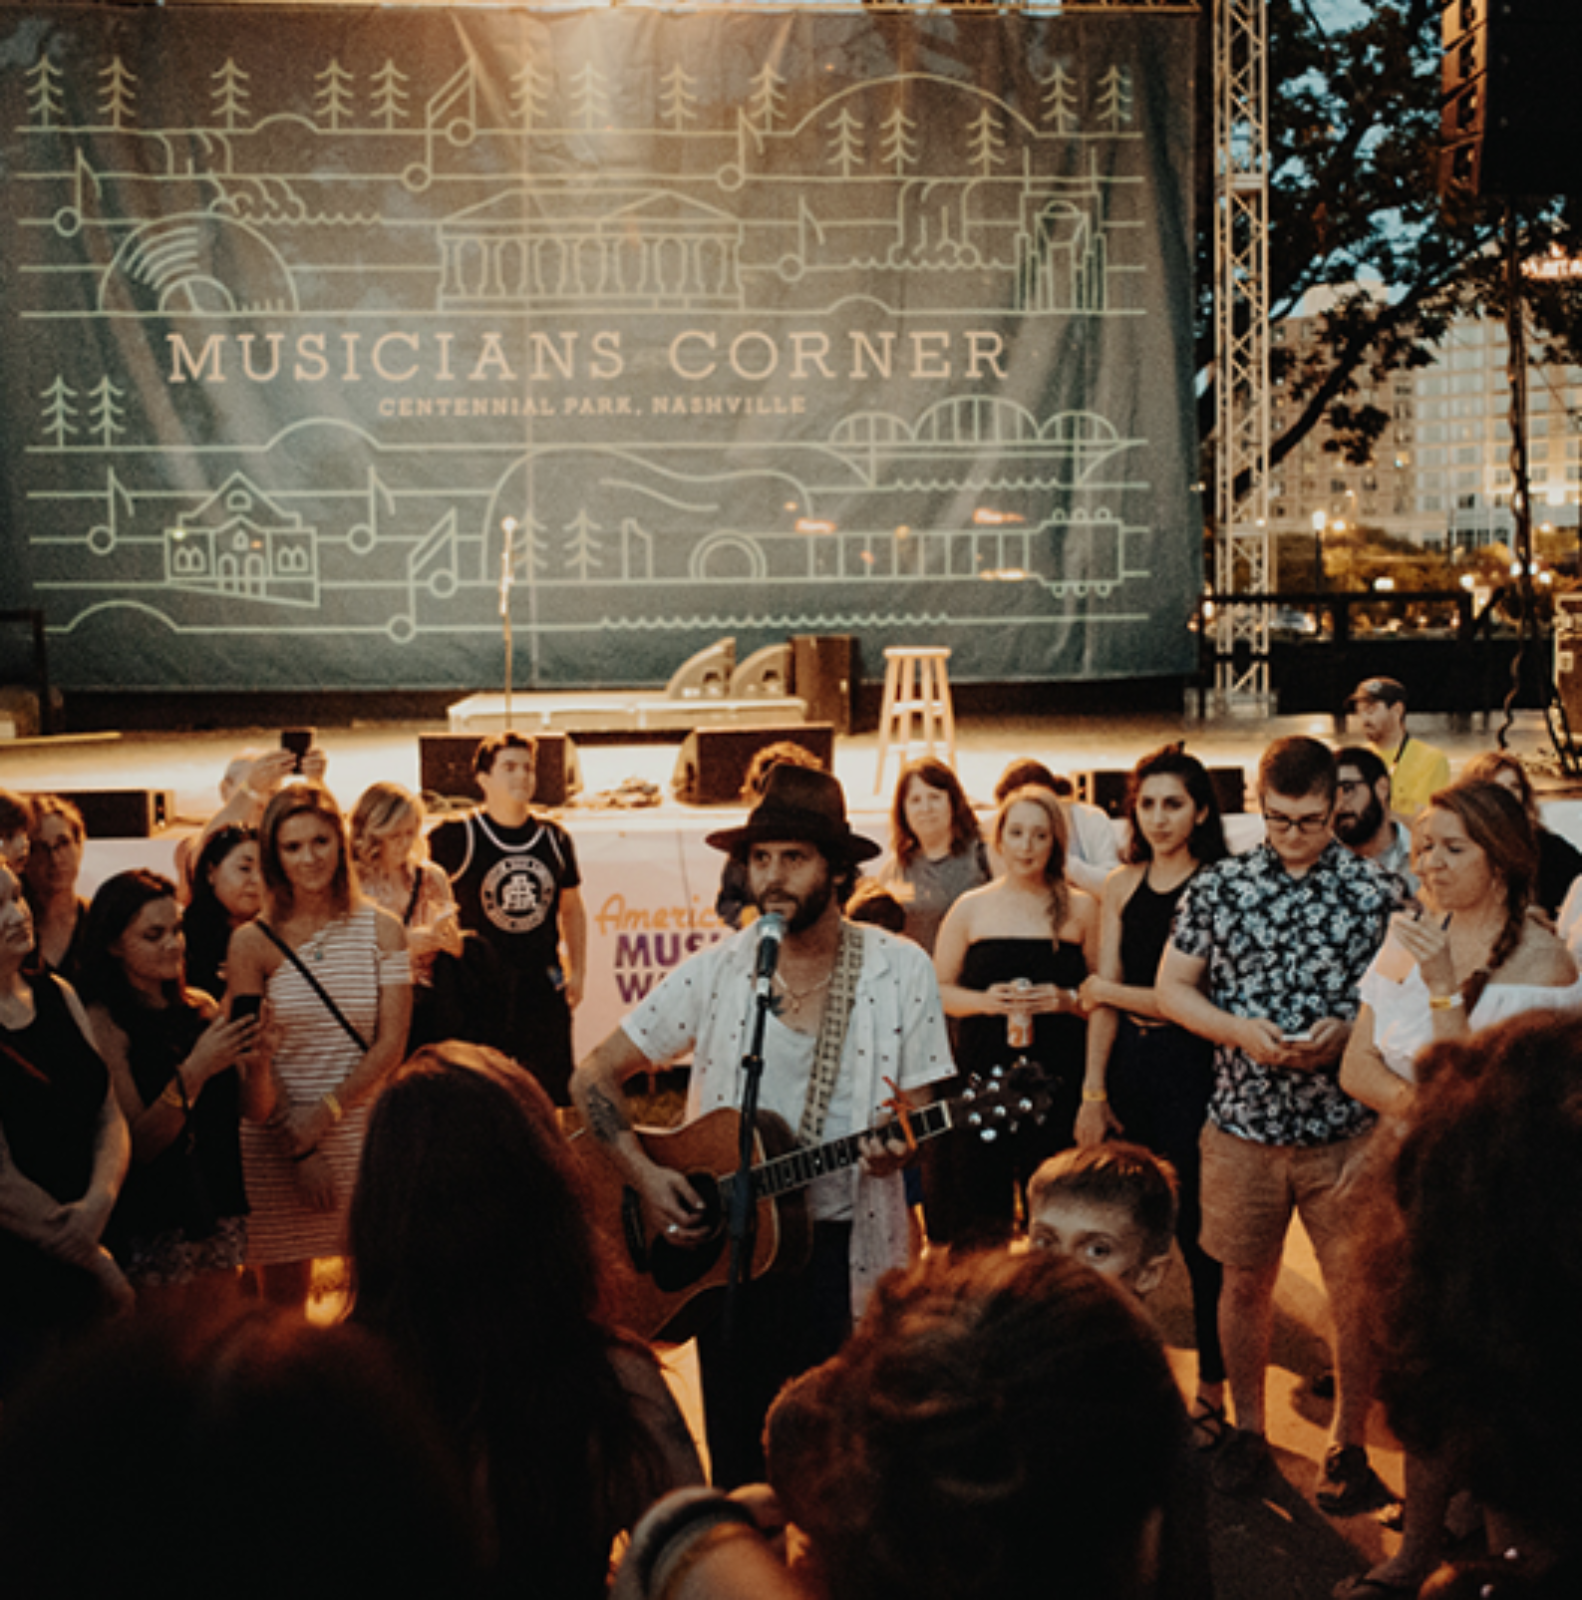 Musicians Corner at Centennial Park